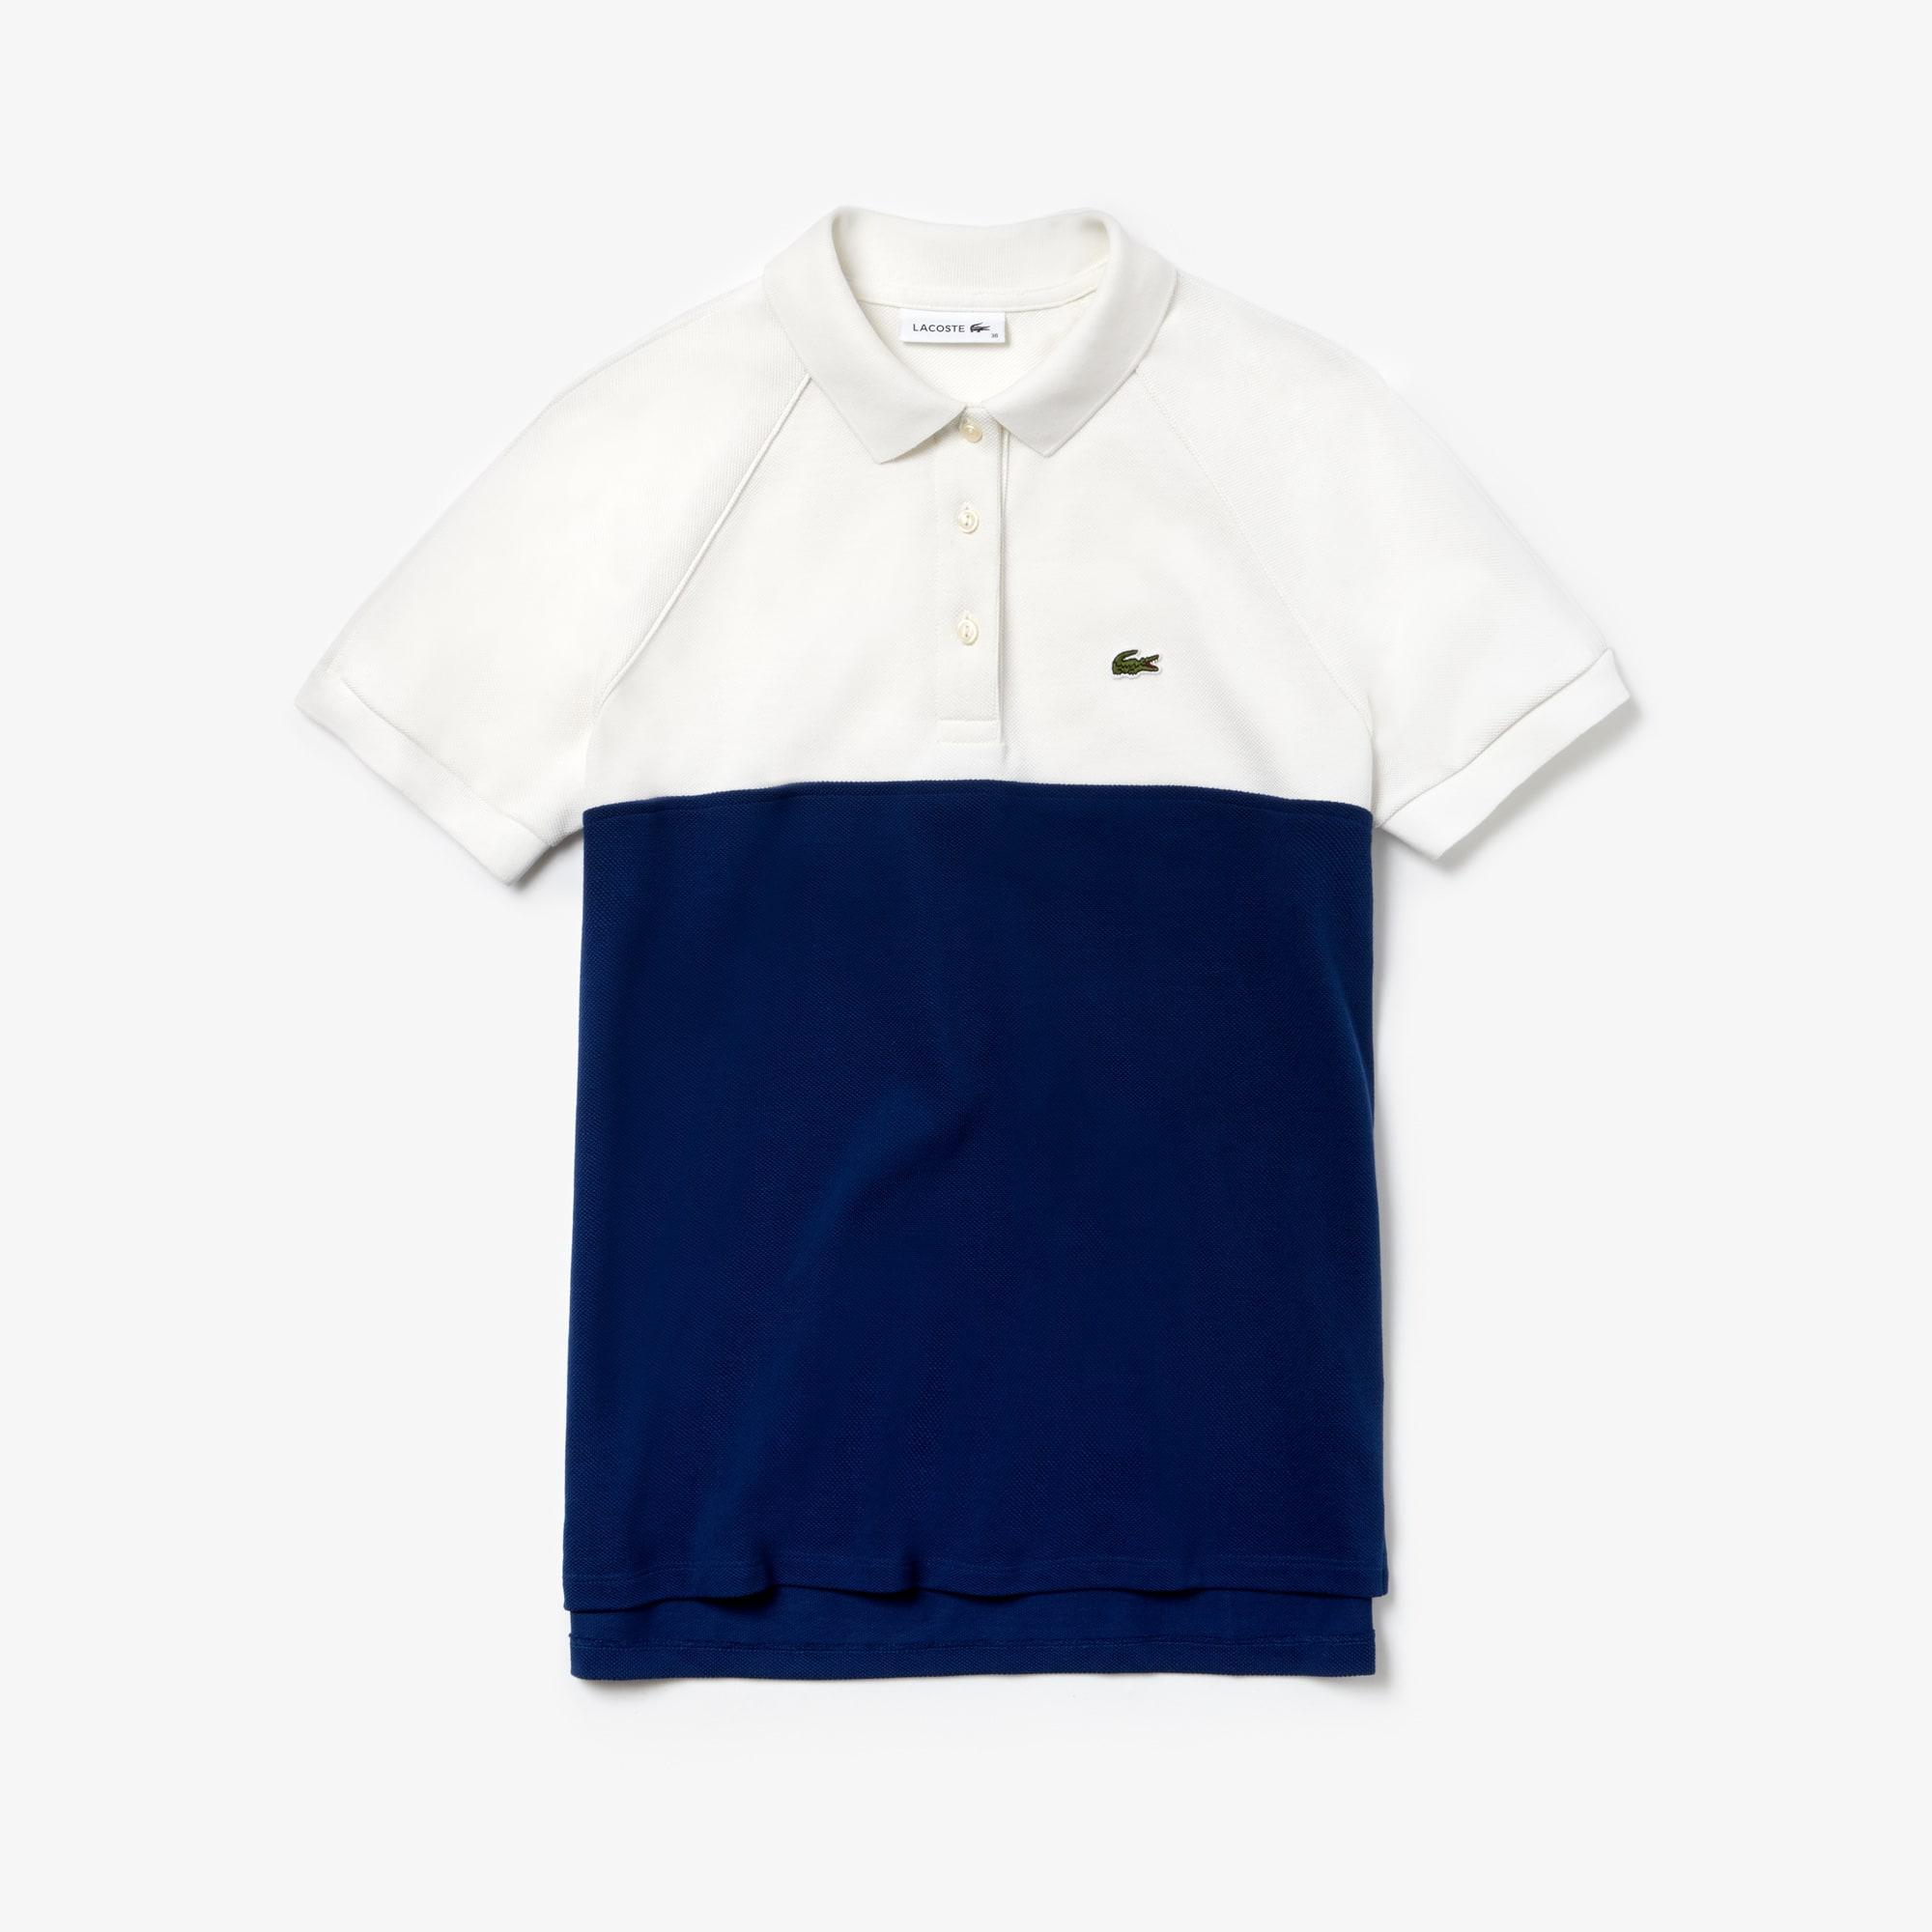 Polos femme   Vêtements Femme   LACOSTE 8f2dd942974